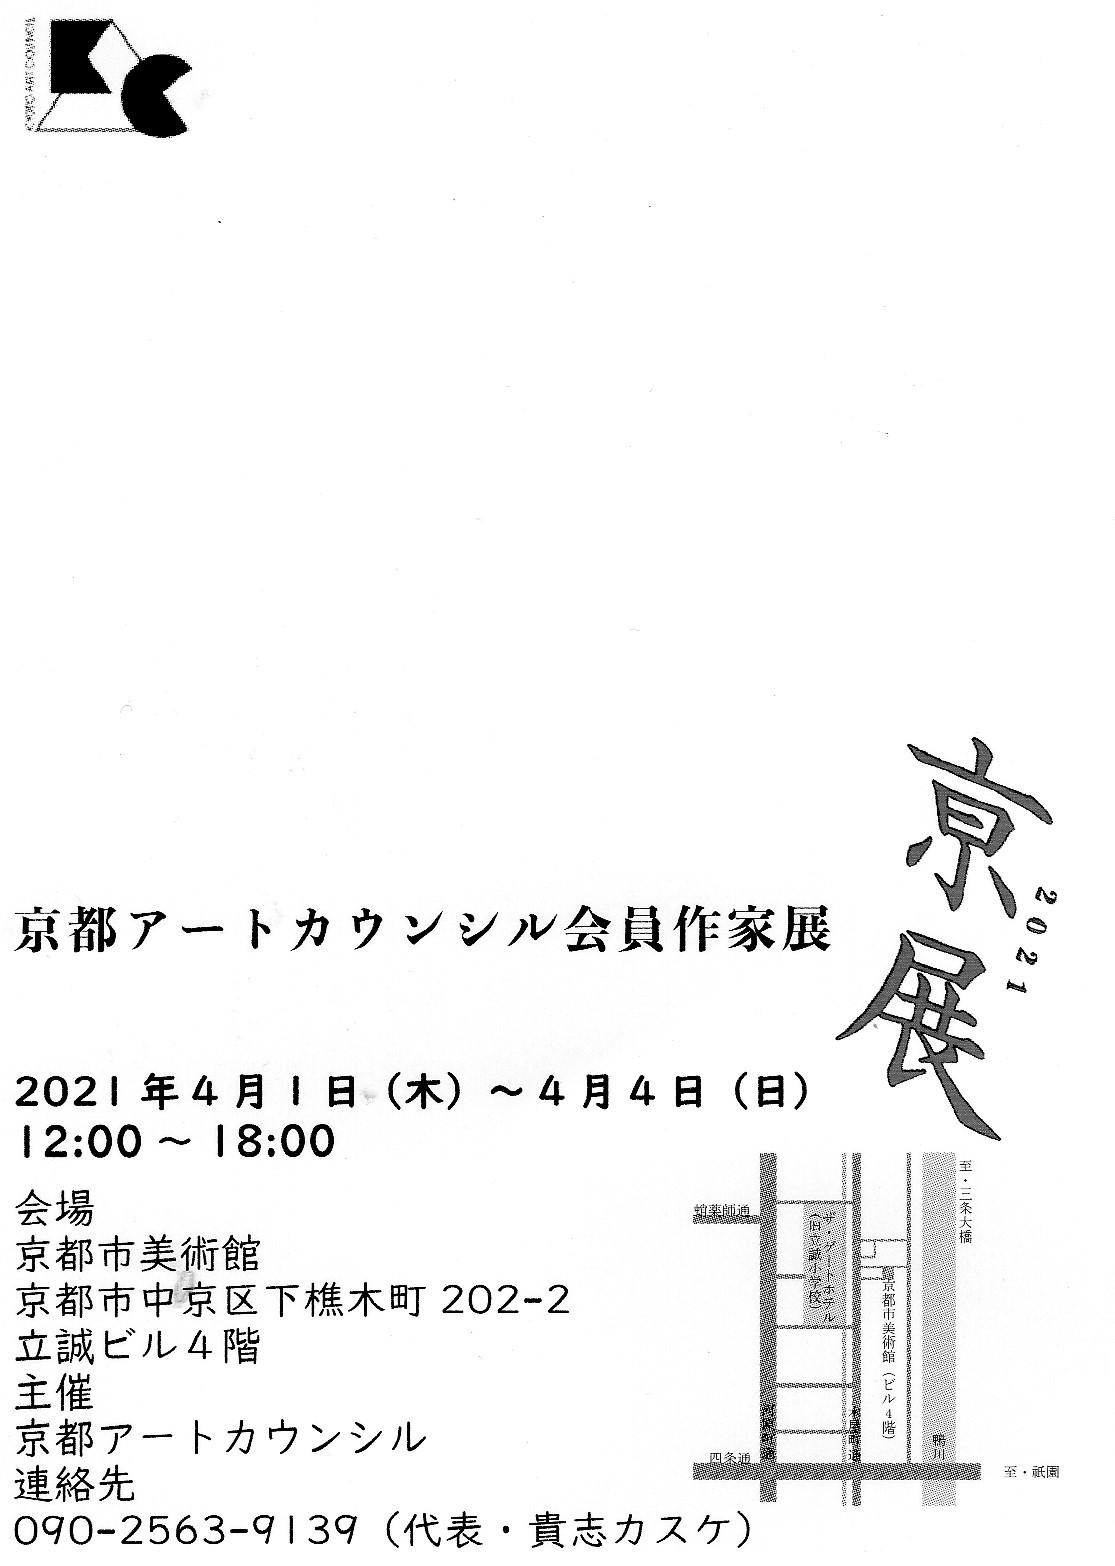 亰展 京都市美術館 展覧会_c0100195_14251861.jpg